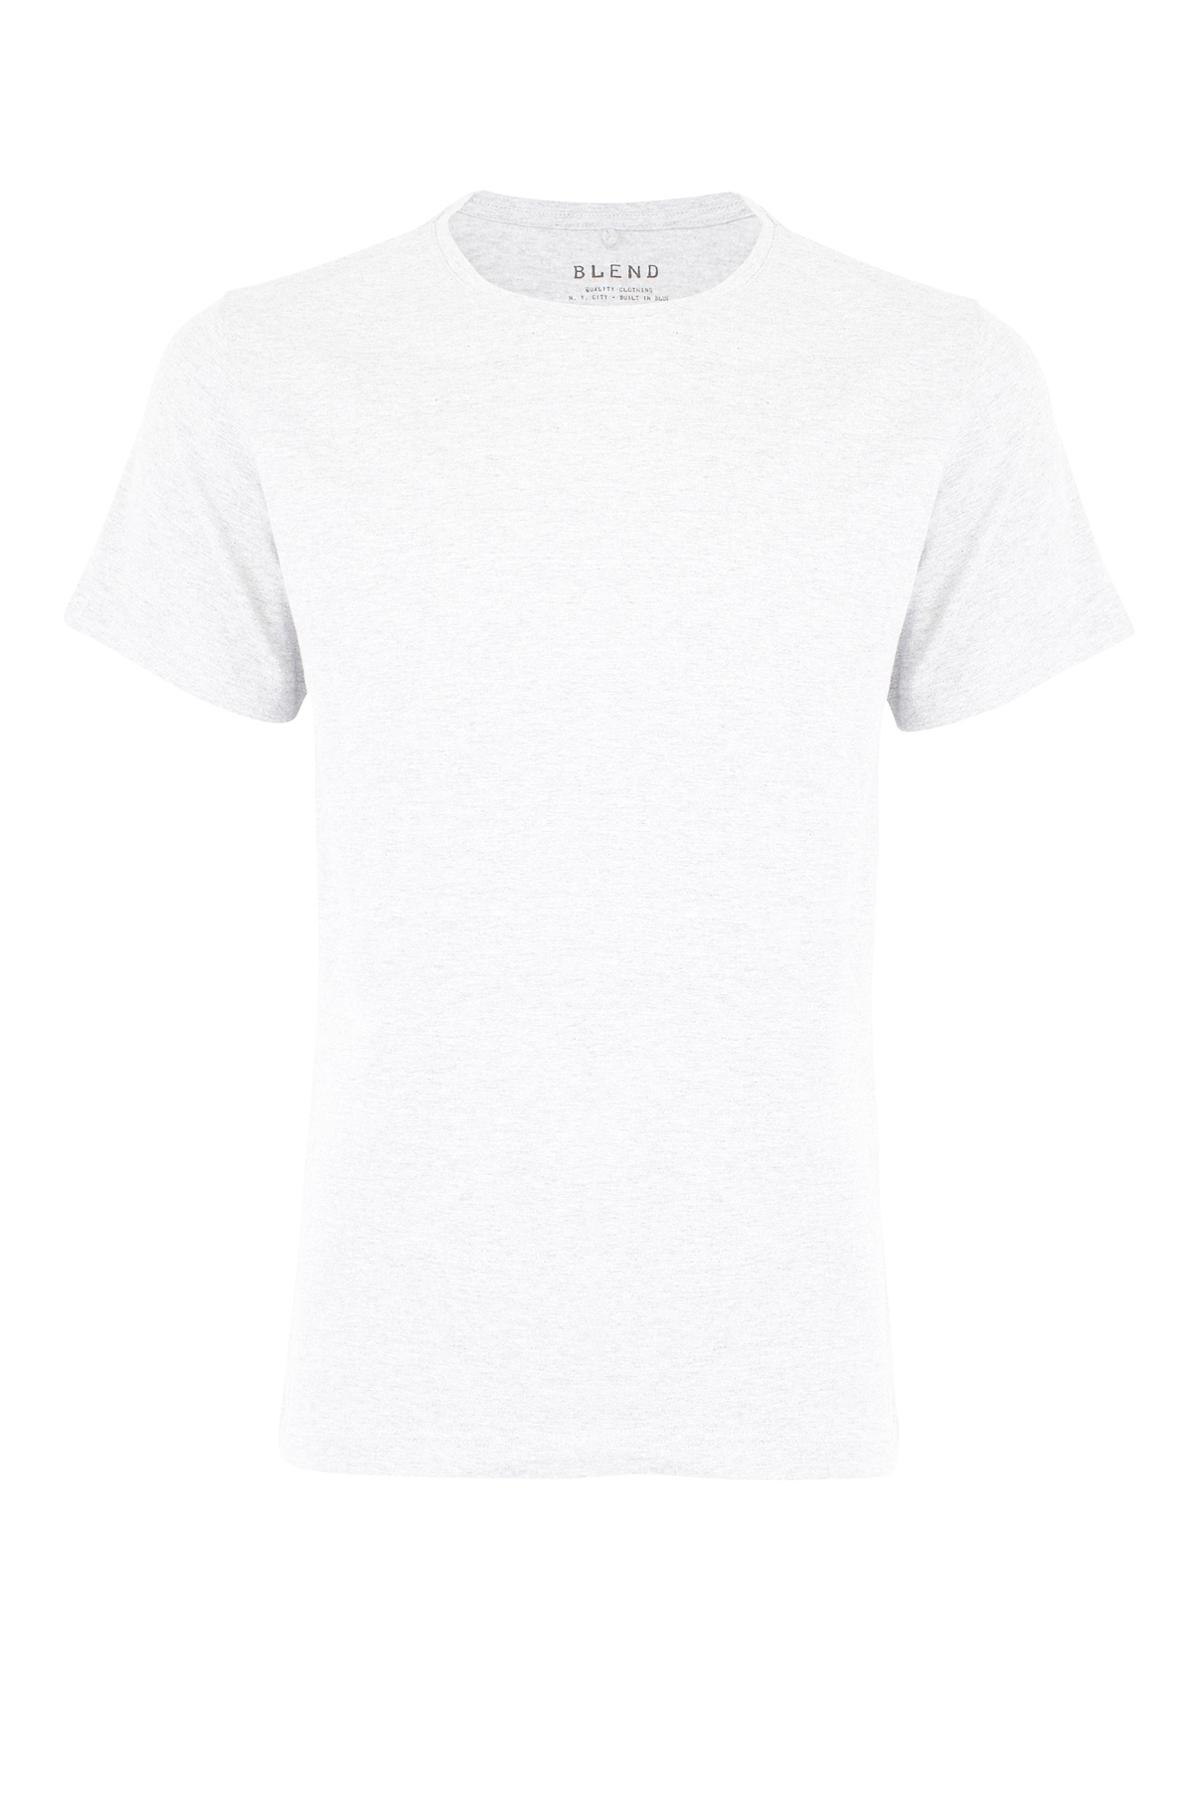 Image of Blend He Herre Kortærmet T-shirt - Hvid